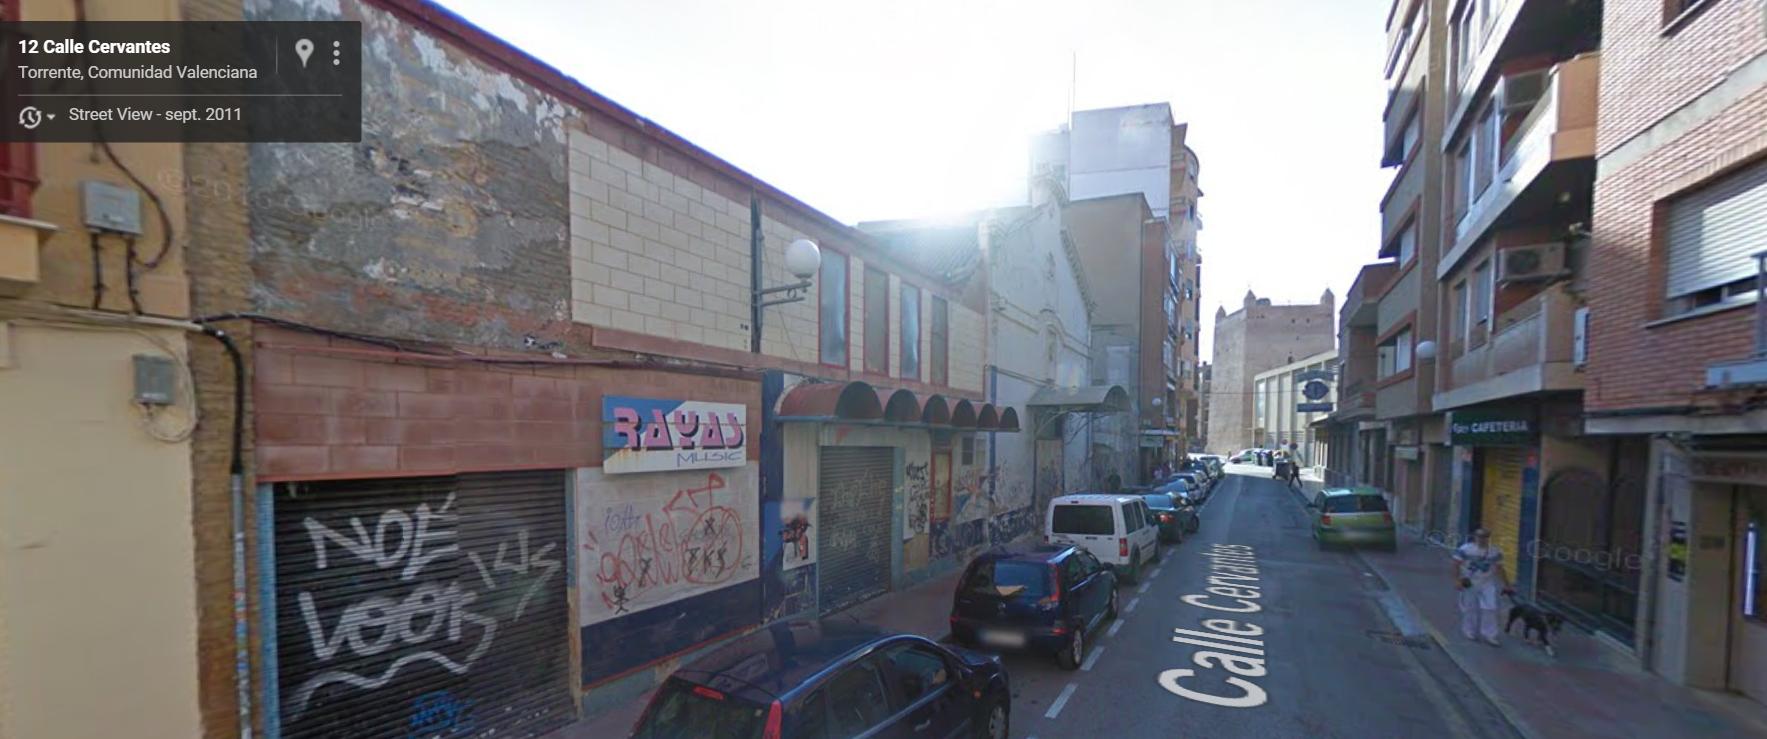 """Sala Cervantes en la actualidad, donde puede verse todavía el cartel de la discoteca """"Rayas""""."""